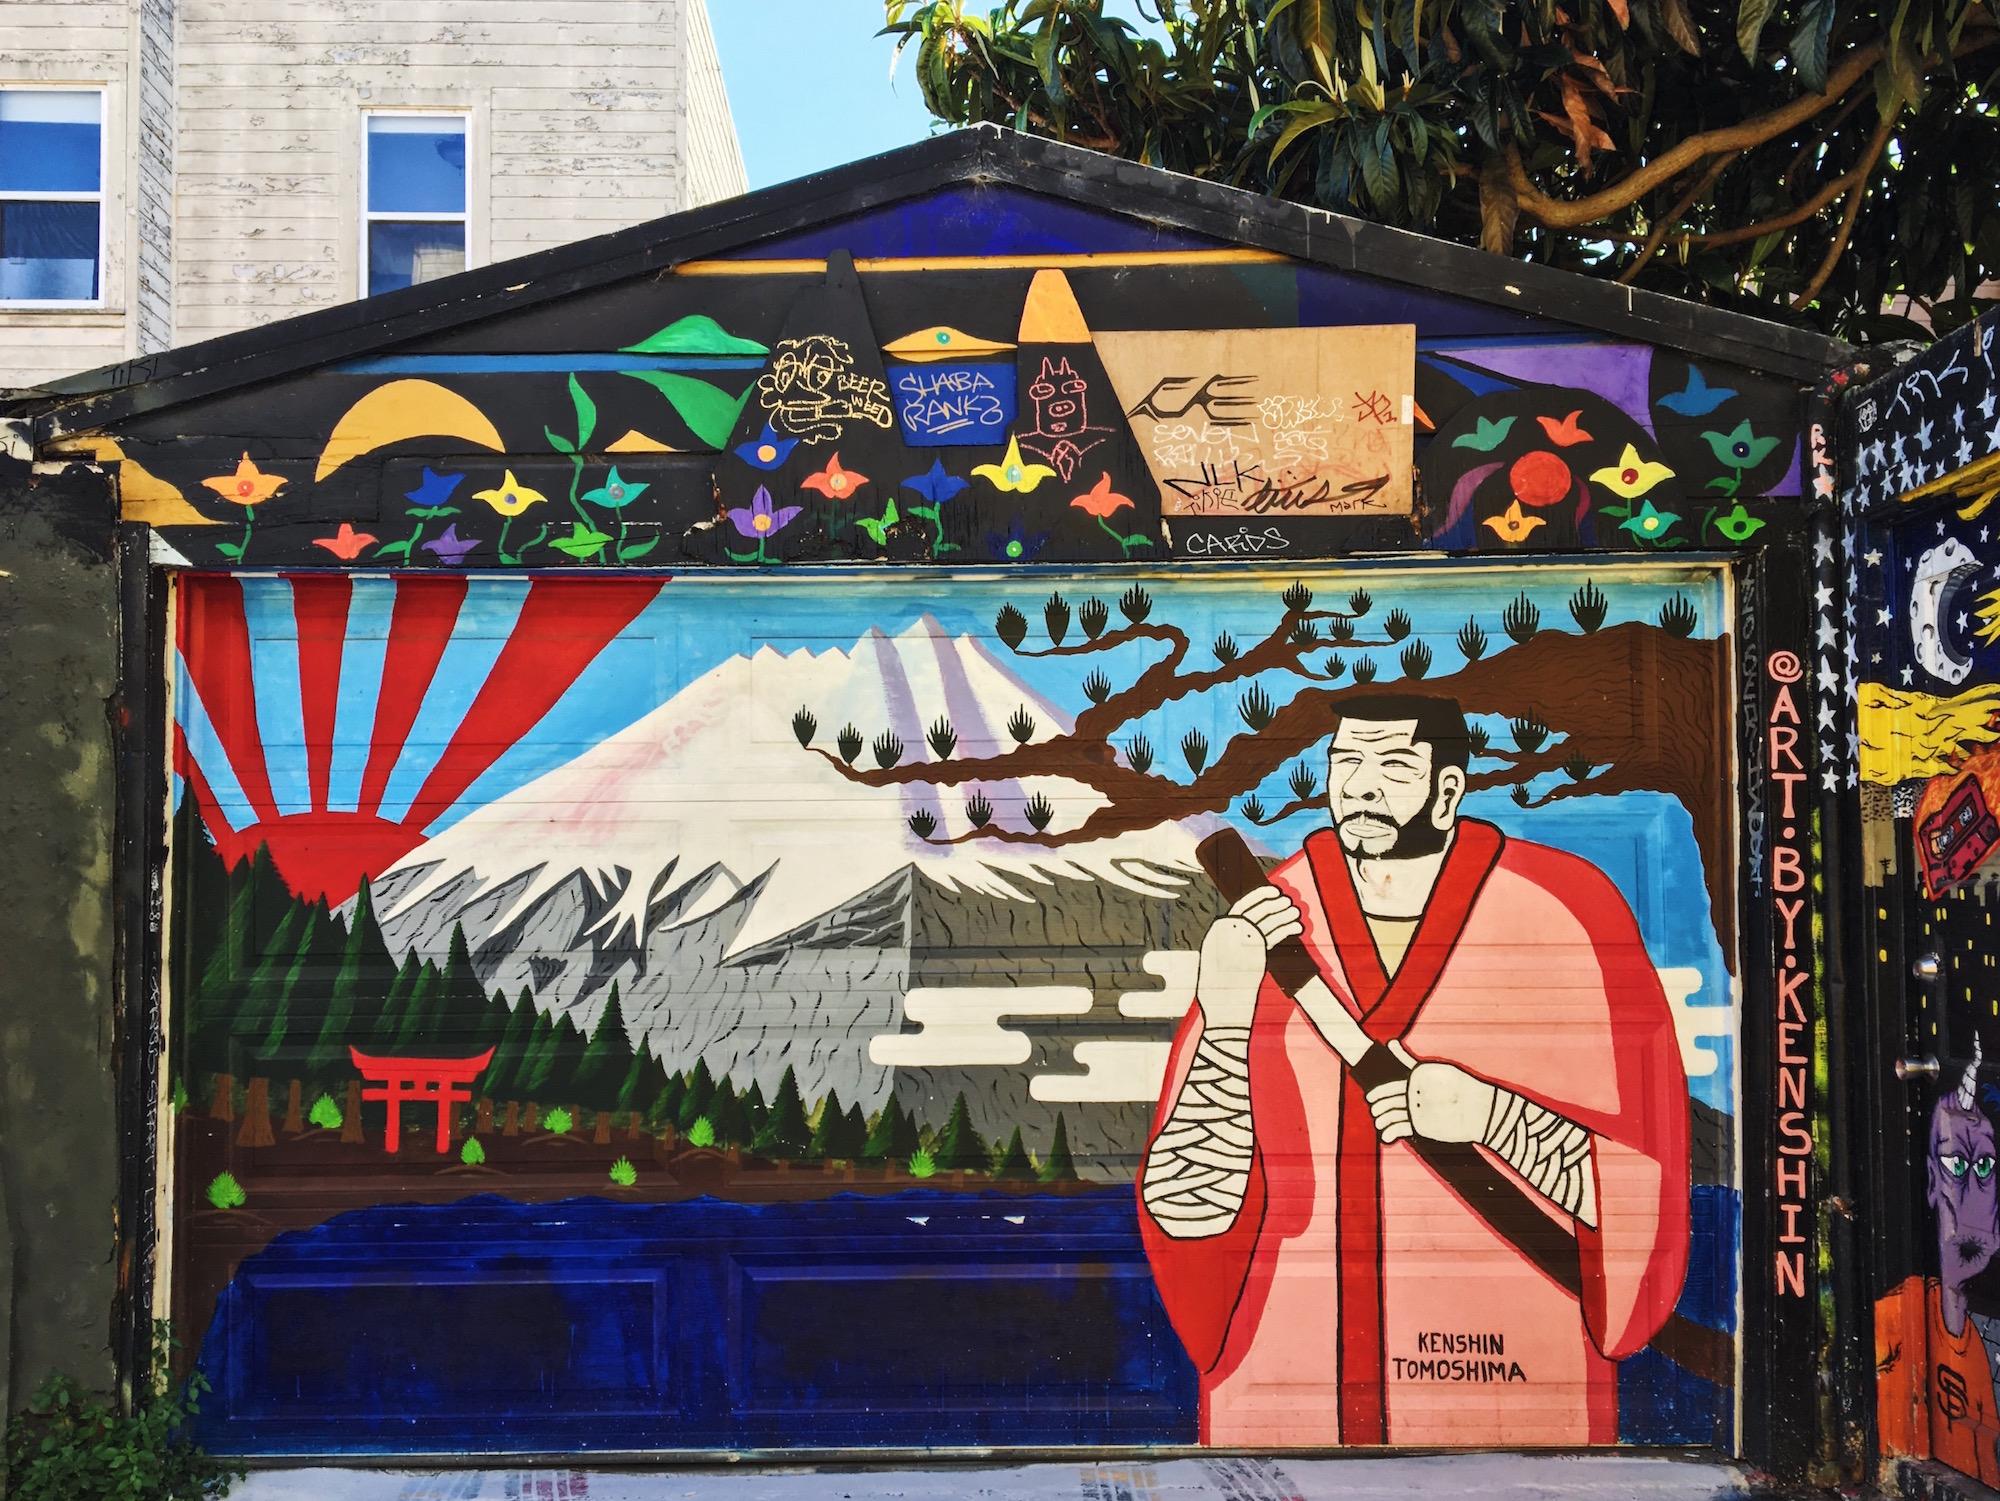 Clarion Alley - Murales nel quartiere Mission di San Francisco - Il Giappone a San Francisco - Murales Monte Fuji - Kenshin Tomoshima